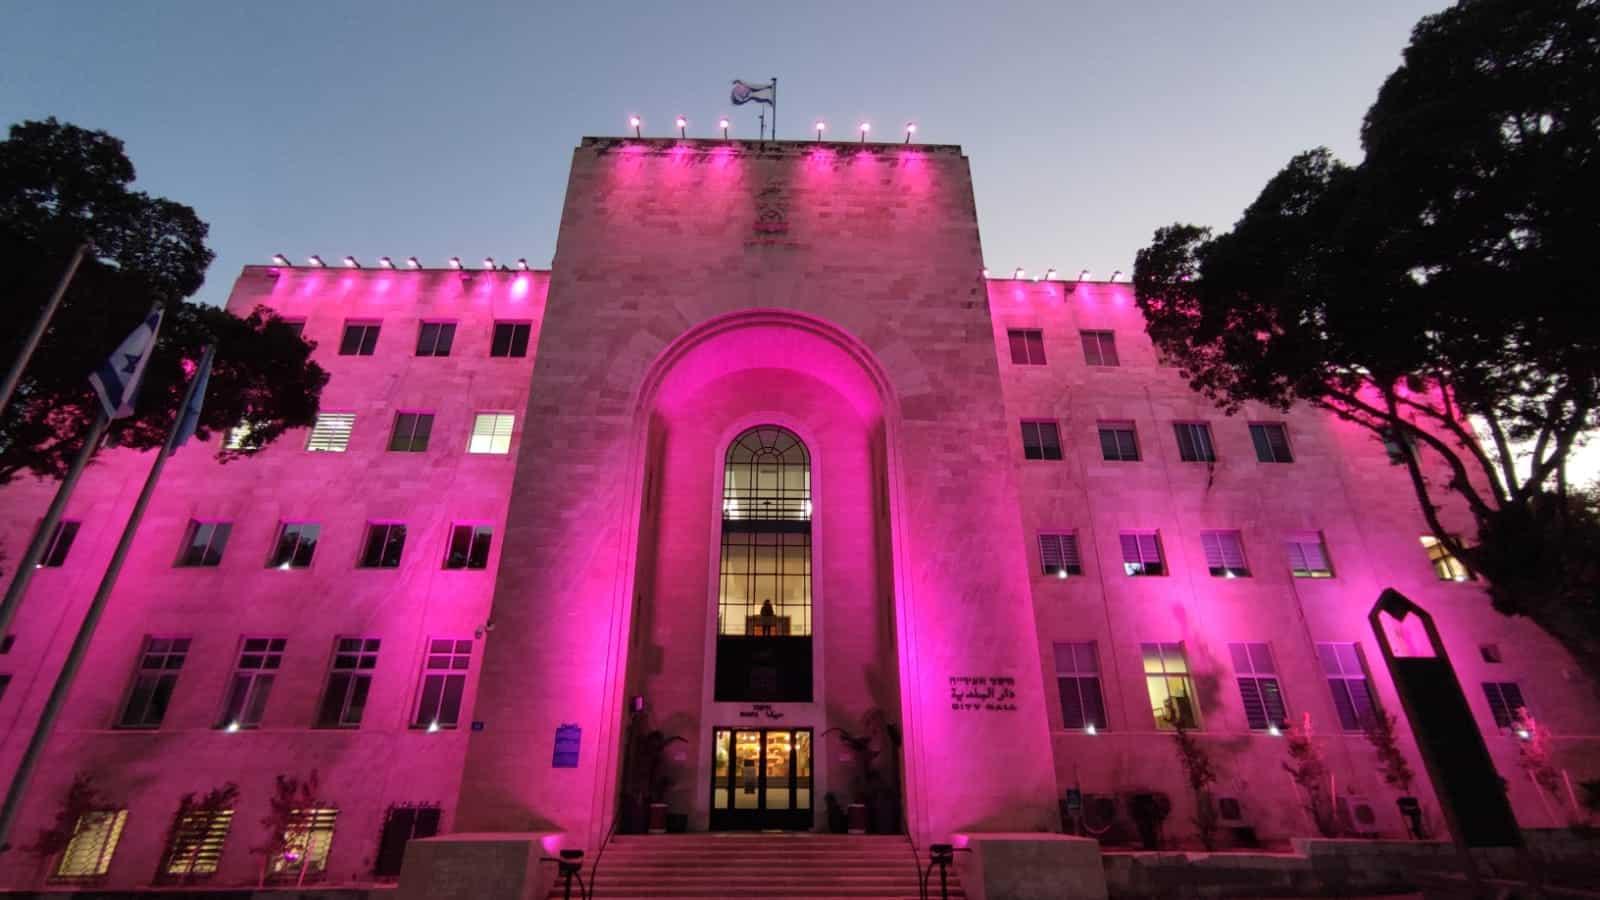 בניין עיריית חיפה, קרדיט צילום: דוברות עיריית חיפה